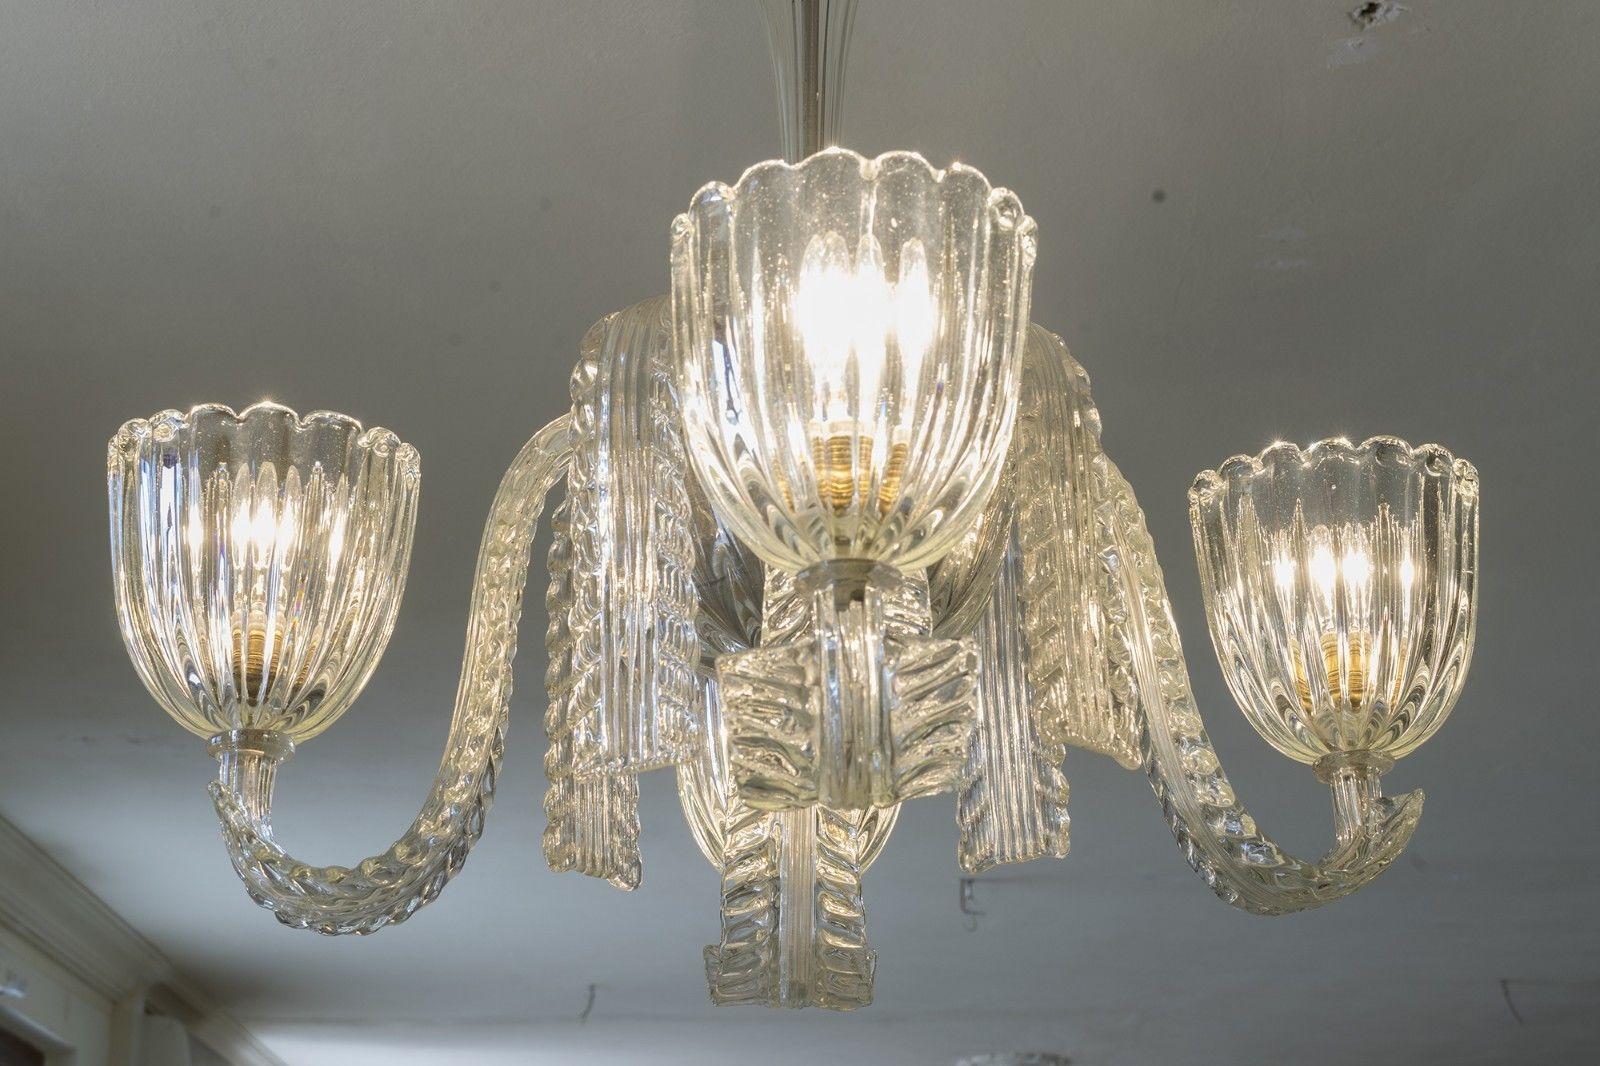 Lampadari Di Murano Antichi Prezzi.Antico Lampadario Di Murano Art Deco Anni 30 Designer